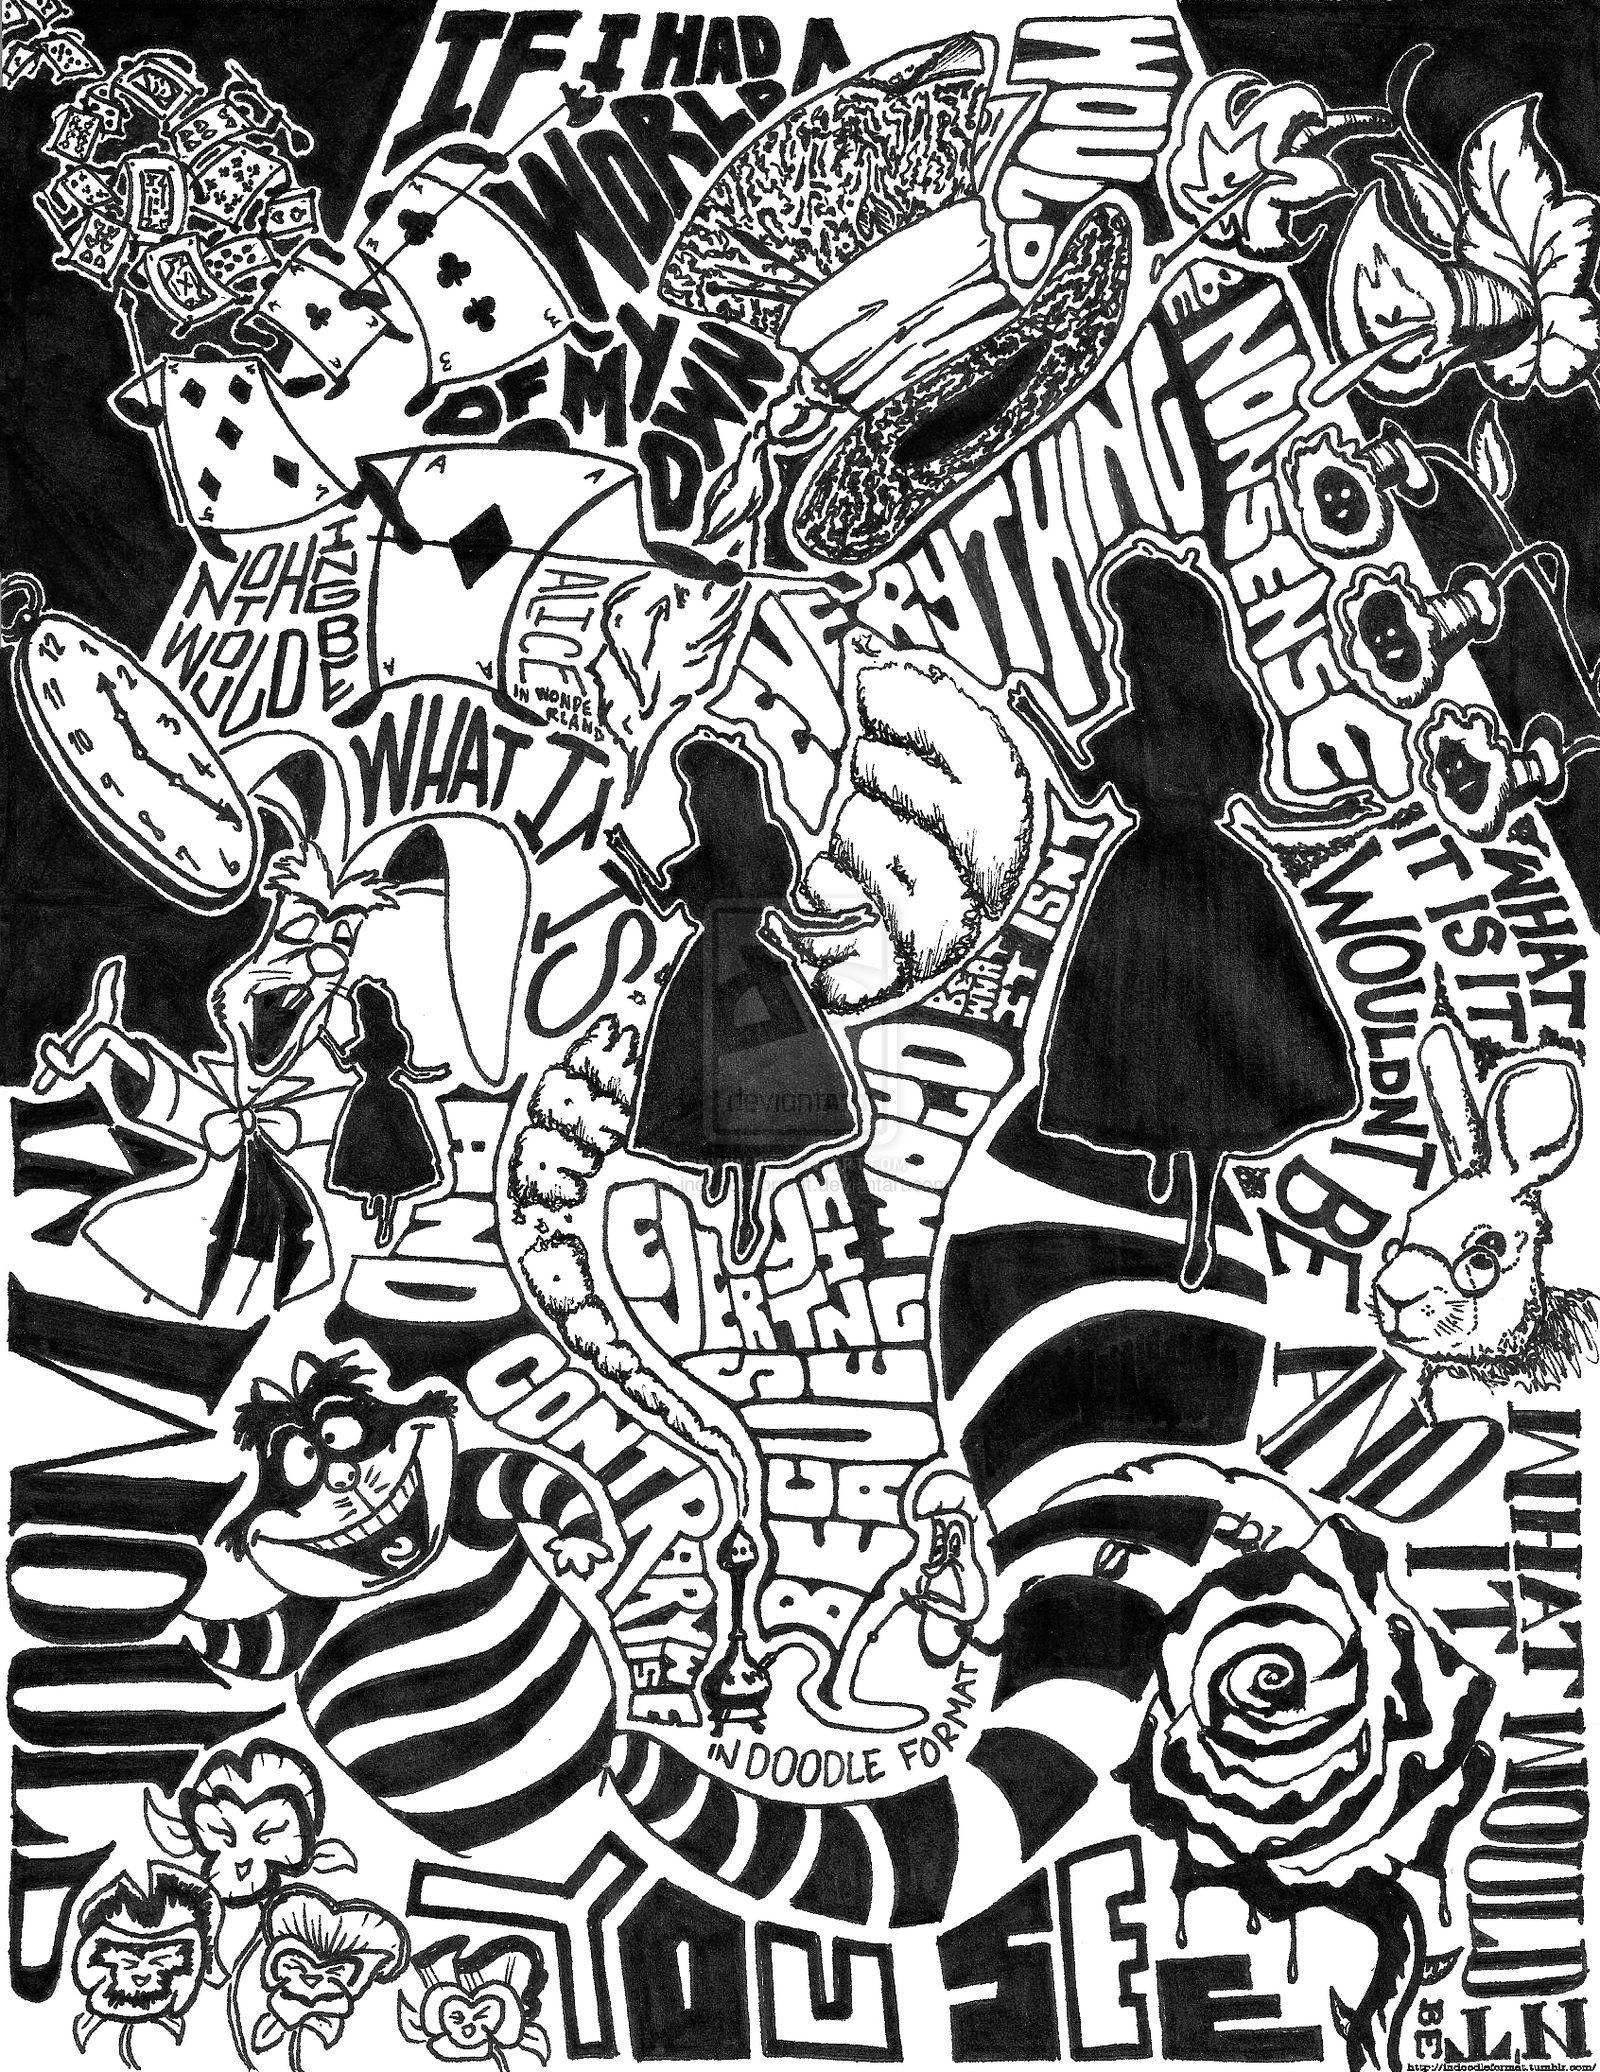 Alice In Wonderland In Doodle Format By Indoodleformat